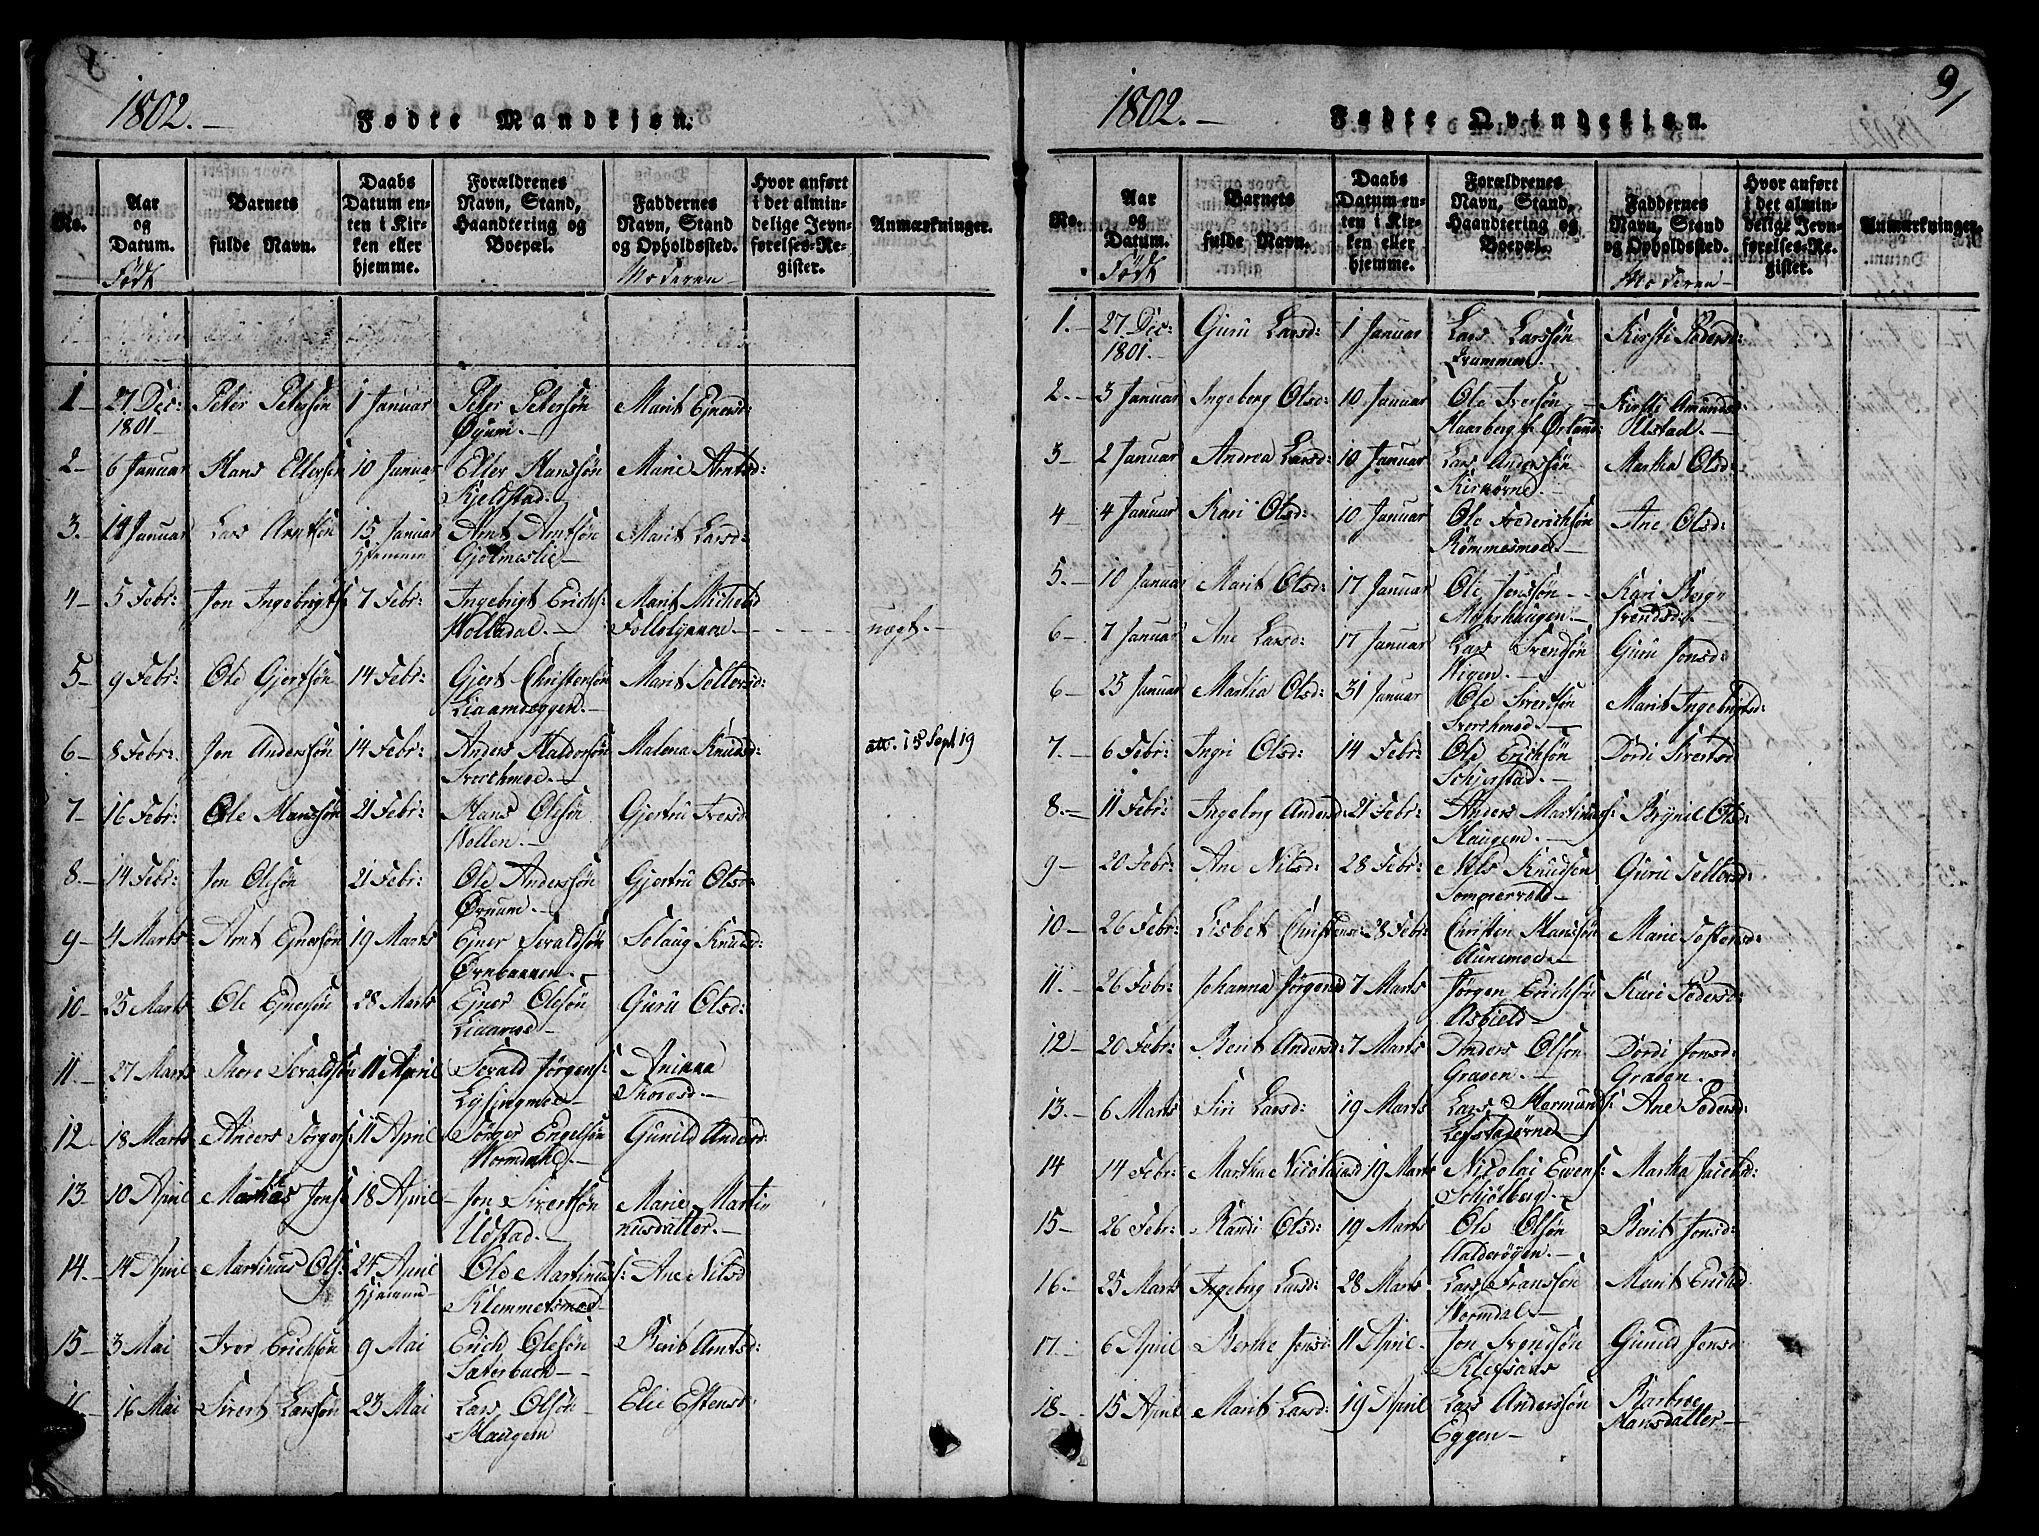 SAT, Ministerialprotokoller, klokkerbøker og fødselsregistre - Sør-Trøndelag, 668/L0803: Ministerialbok nr. 668A03, 1800-1826, s. 9